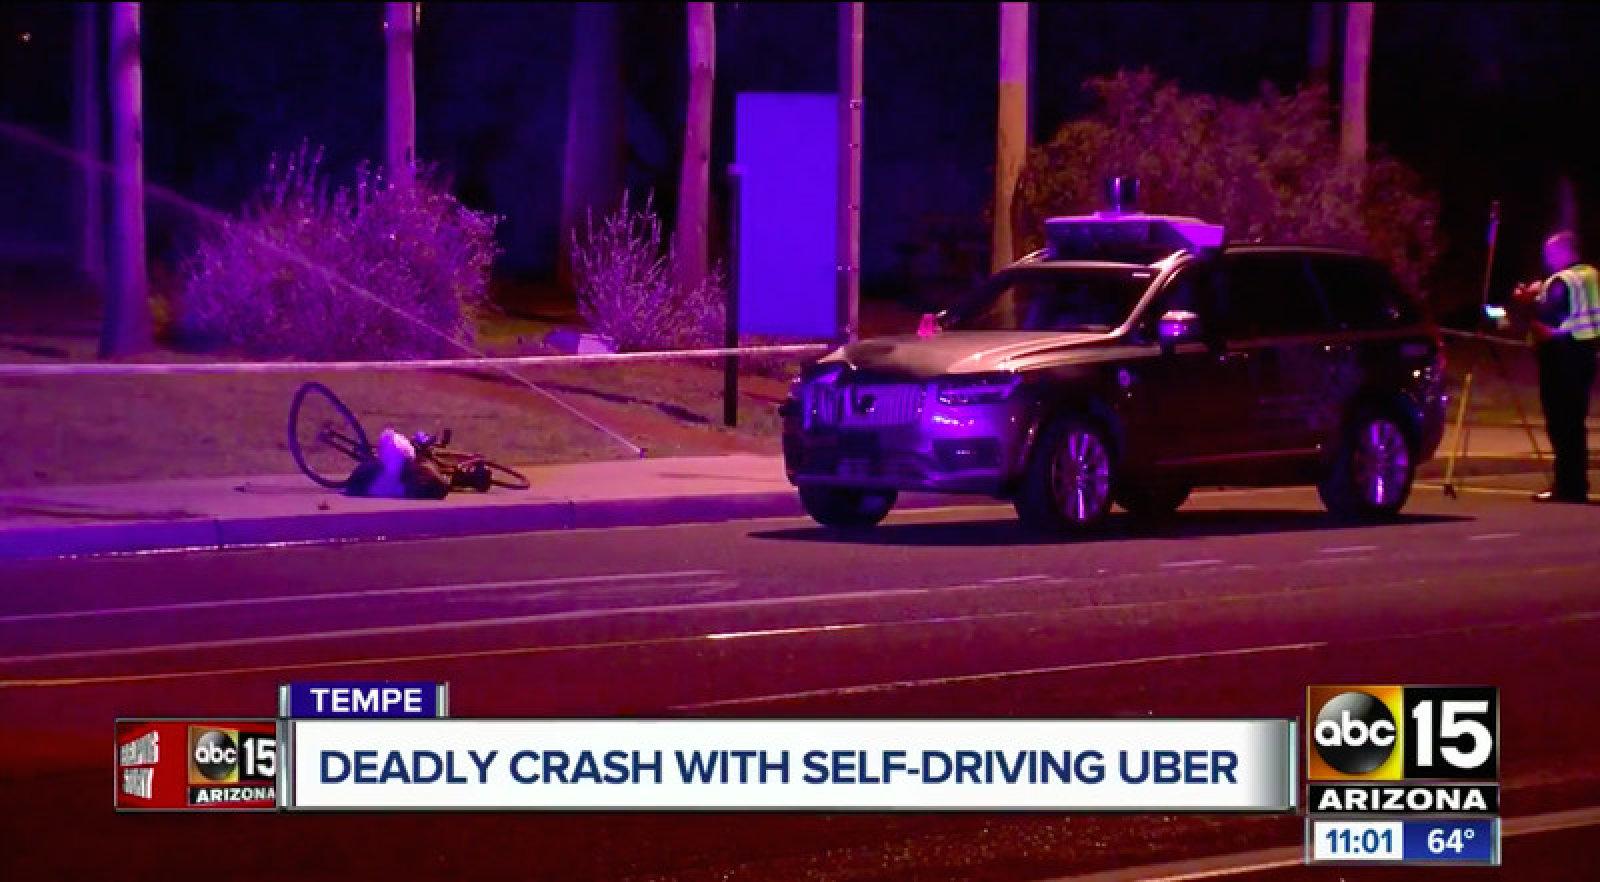 ВСША установили причины смертоносного ДТП сучастием беспилотного автомобиля Uber